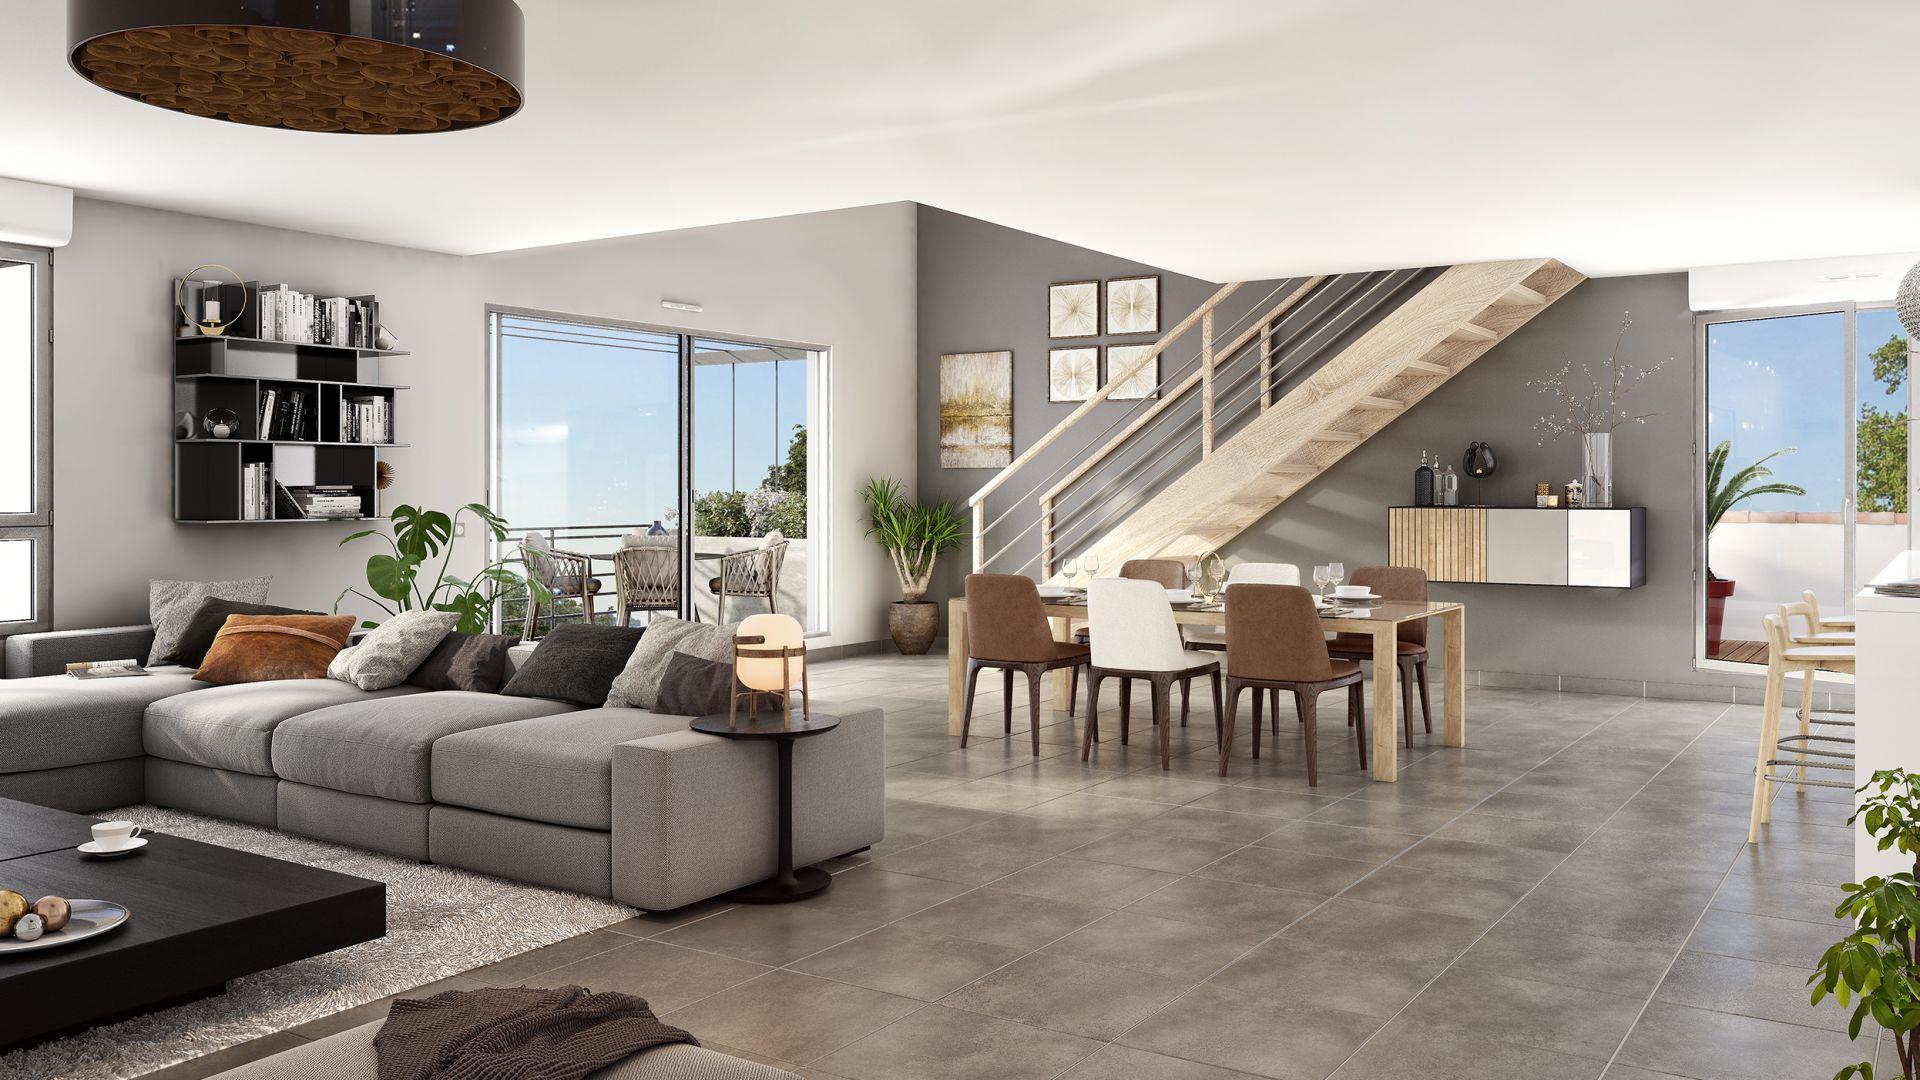 GreenCity immobilier - L Escalis - Appartement du T1 au T5 Duplex - Escalquens 31750 - vue intérieure